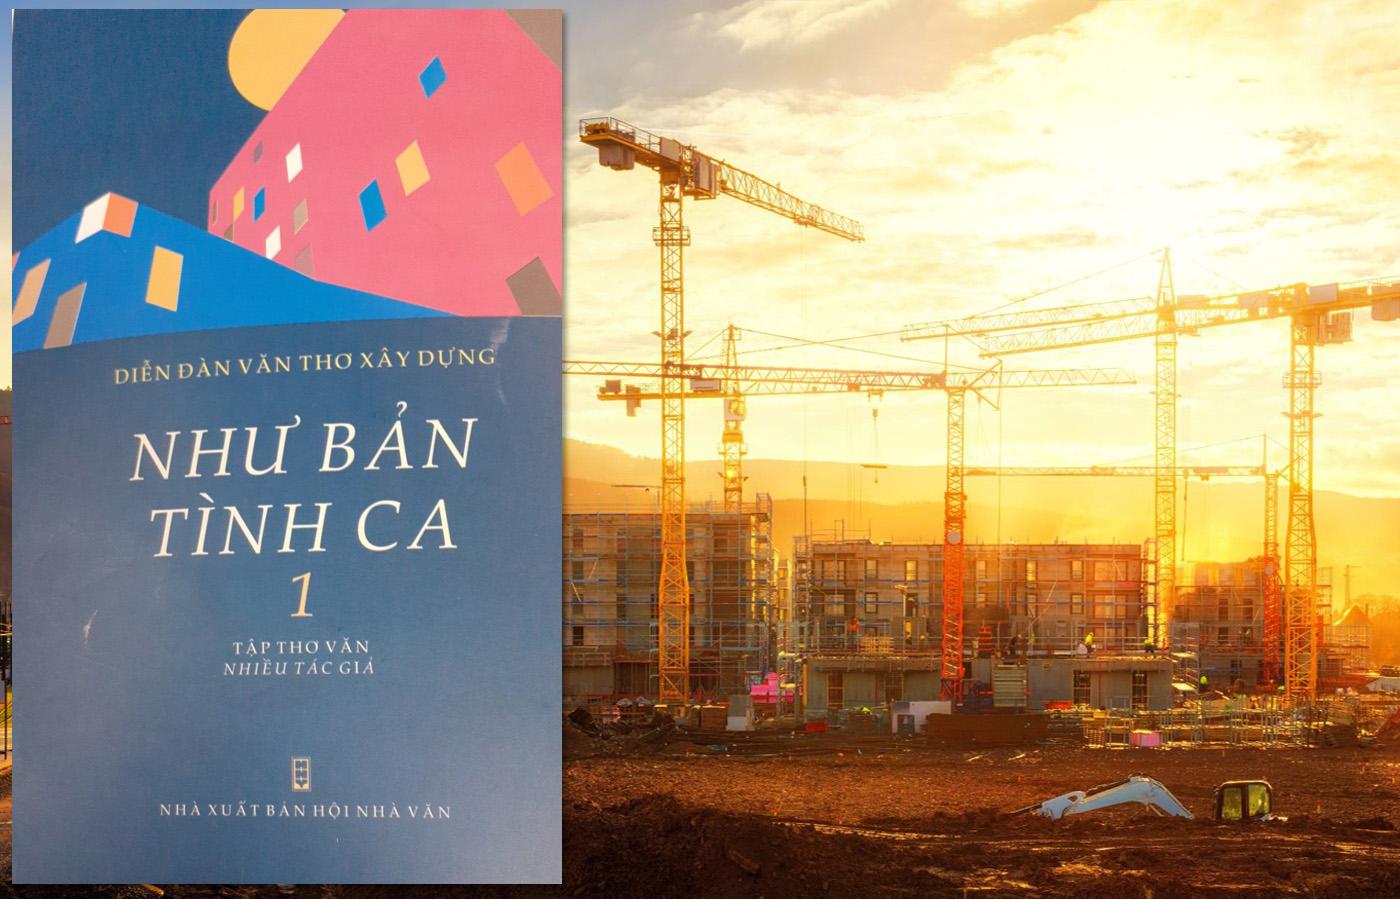 """Hội nhà văn Việt Nam giao lưu và trao tặng ấn phẩm """"Như bản tình ca 1"""" cho Công ty Visicons"""